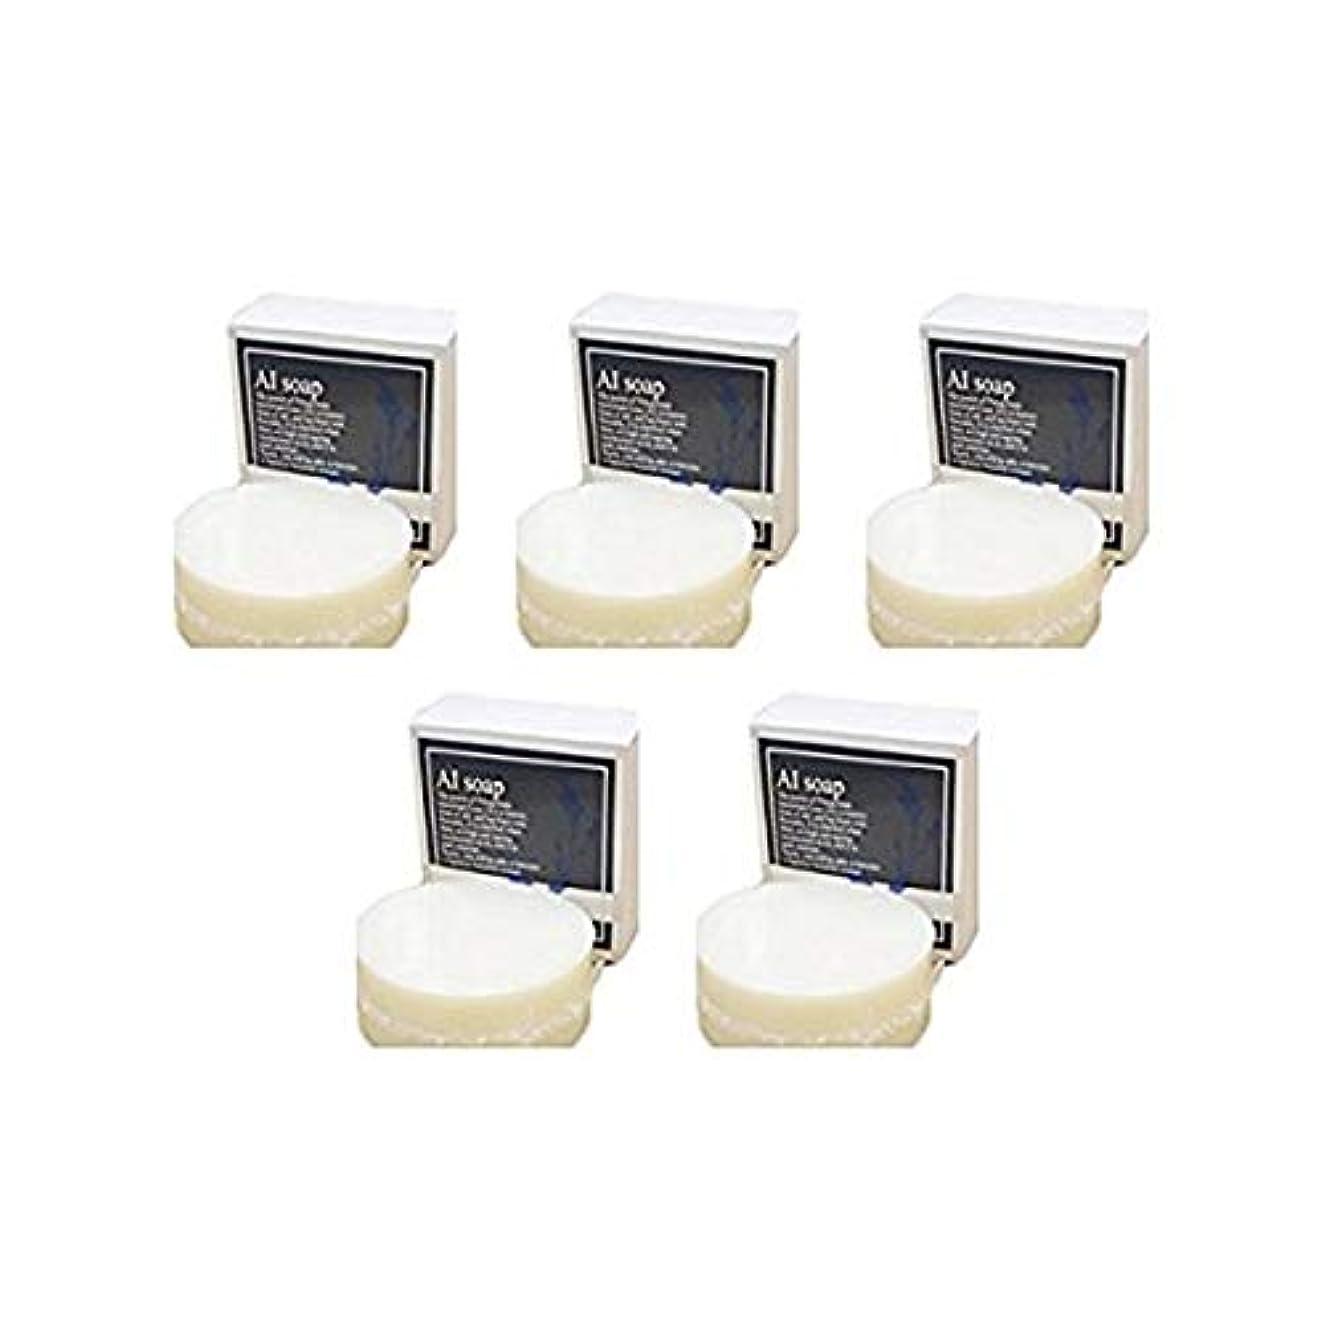 AI soap 藍石鹸 5個セット(100g×5個)藍エキス配合の無添加石鹸